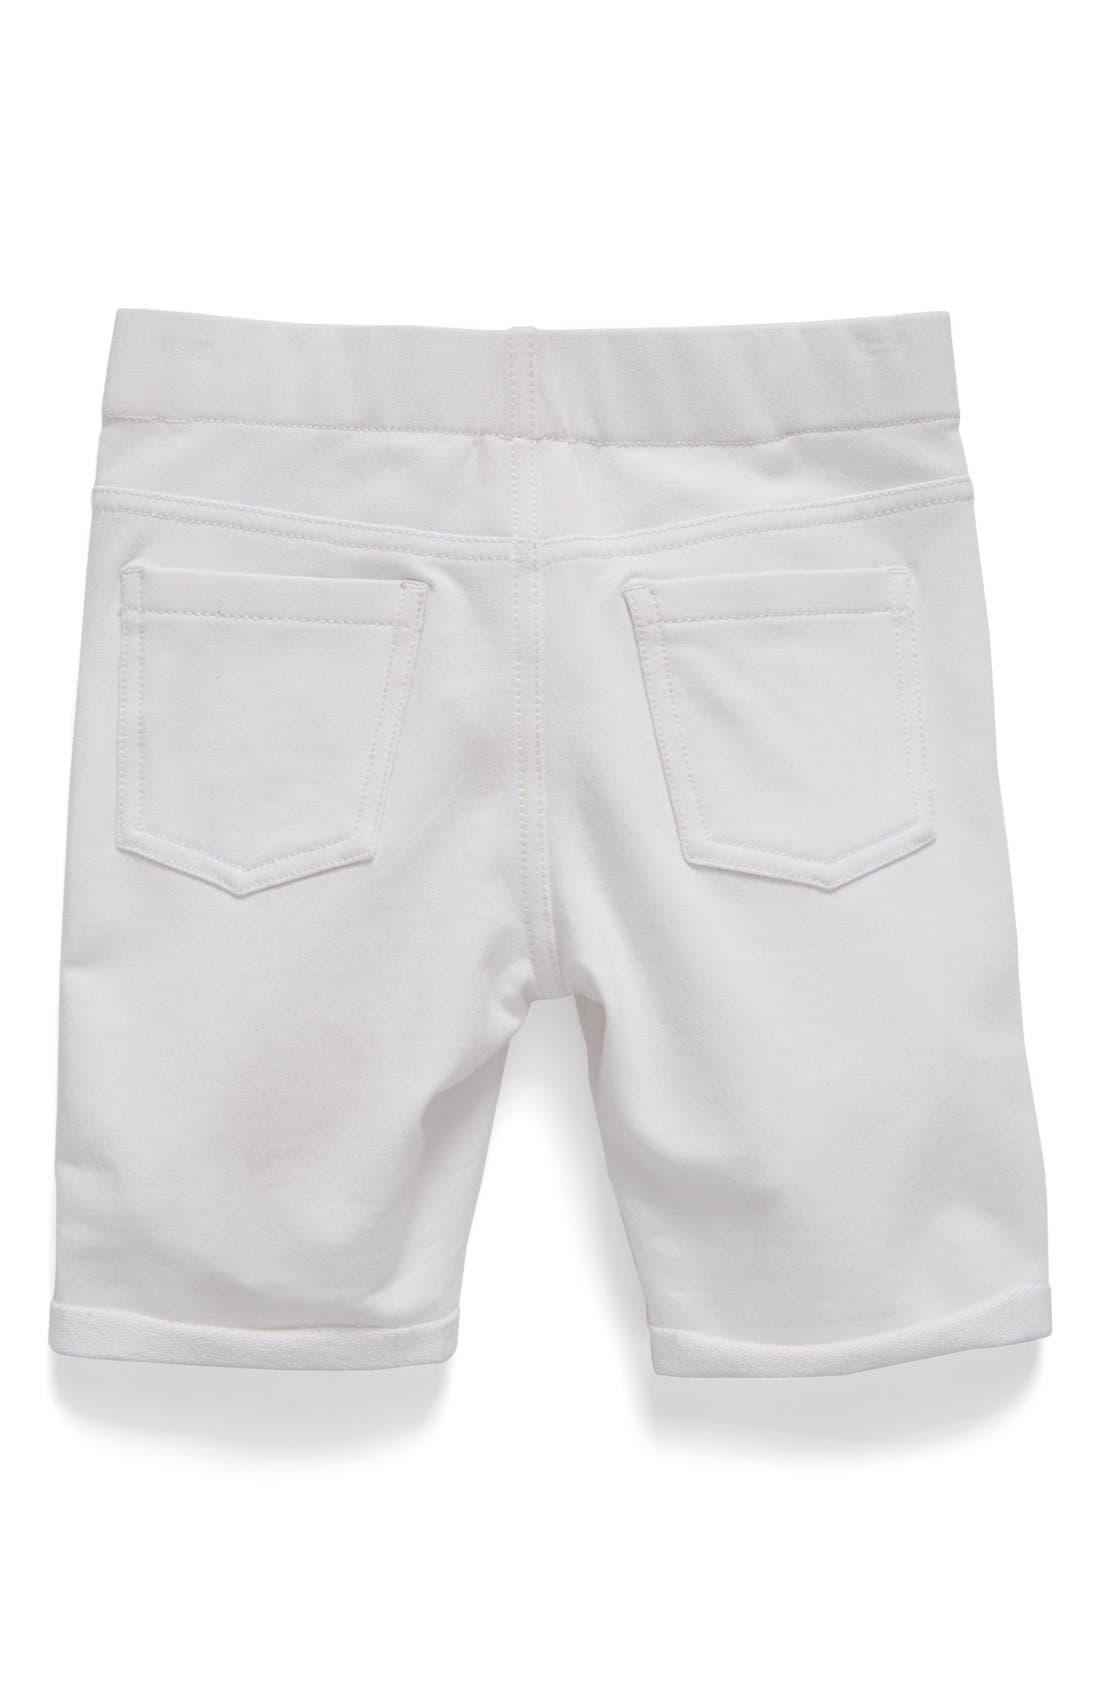 'Jenna' Jegging Shorts,                             Alternate thumbnail 4, color,                             WHITE